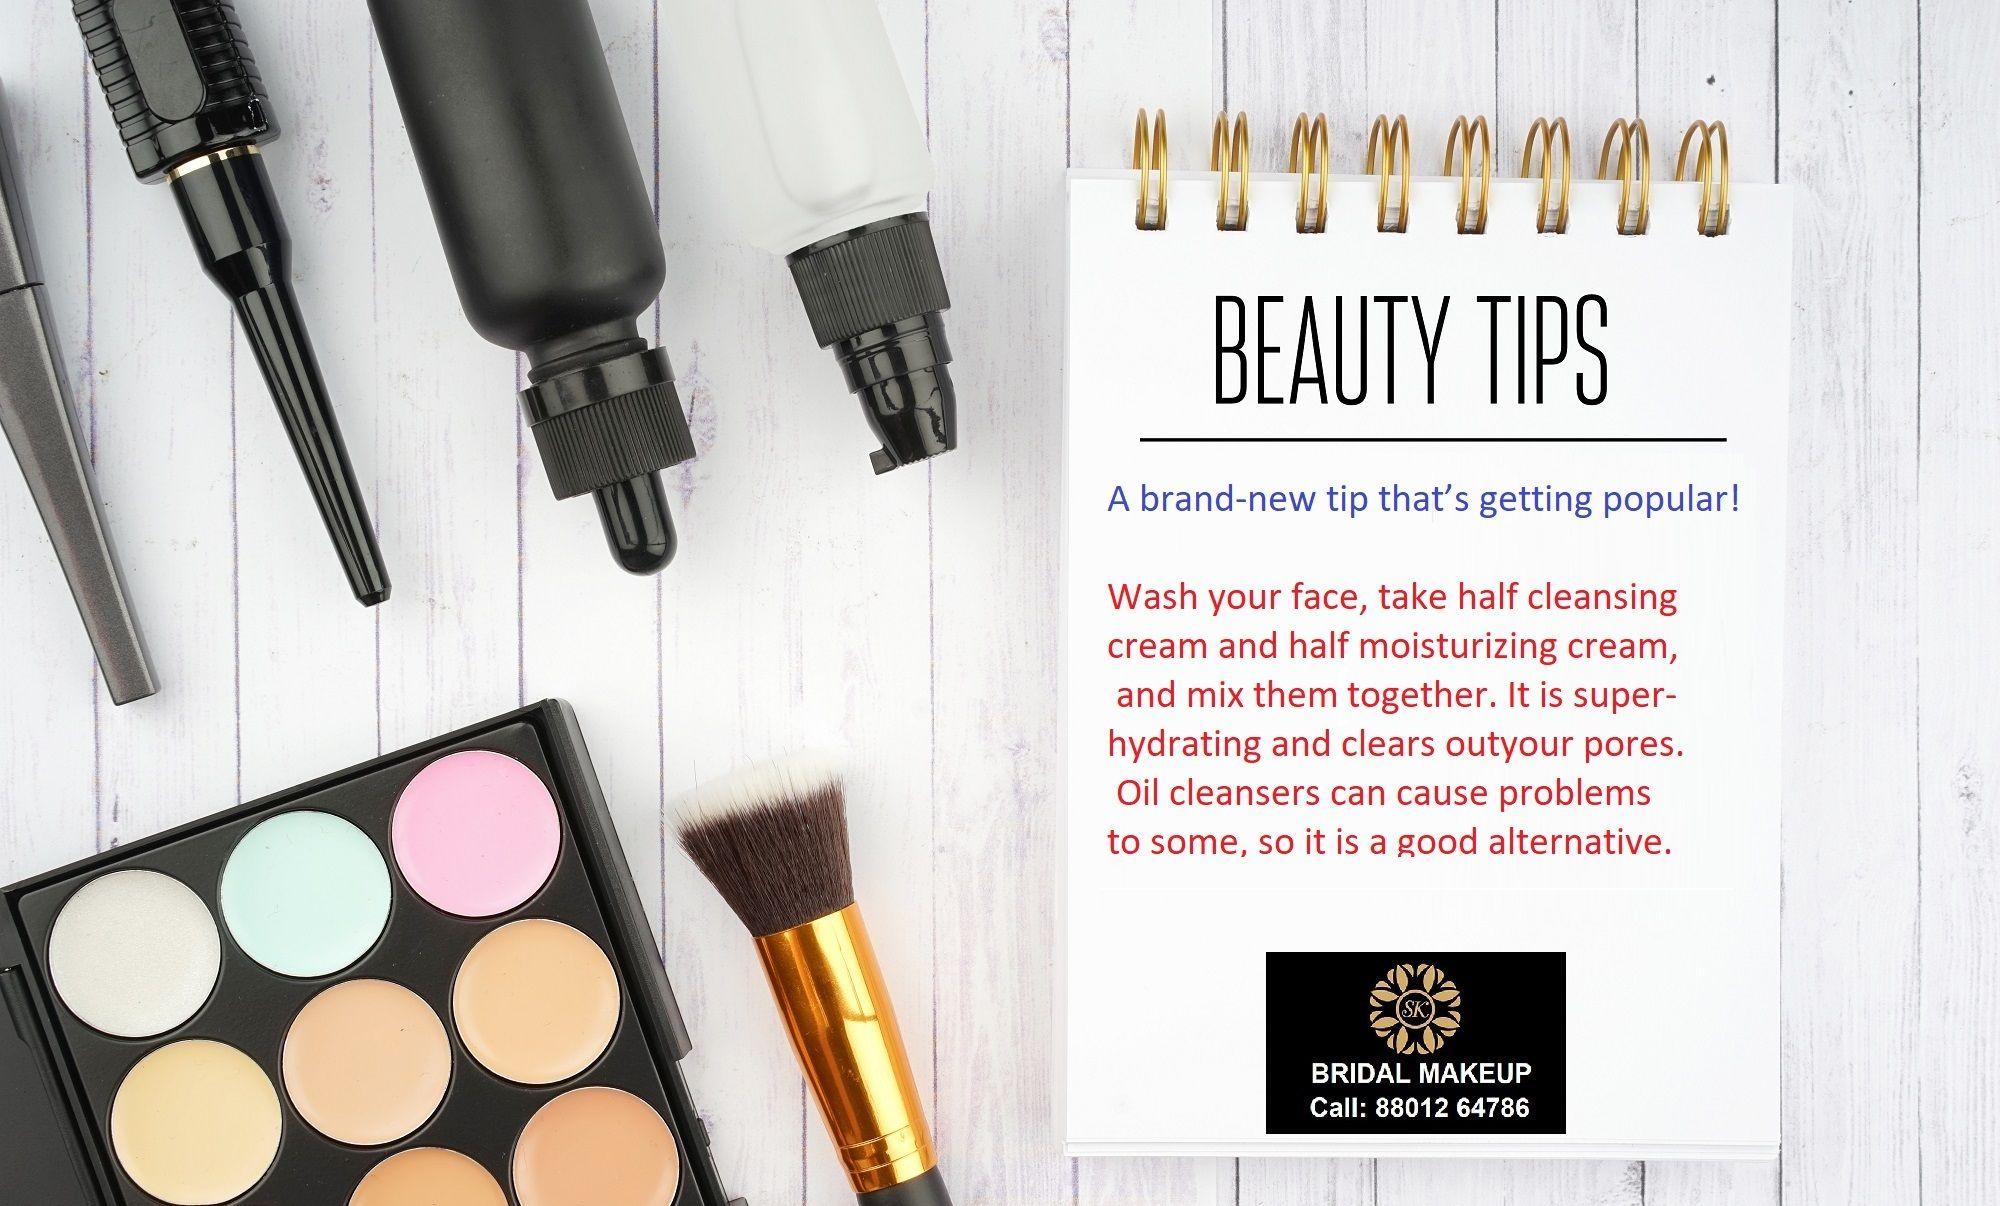 brand-new tip that's getting popular! 😍 #ariesmakeupstudio